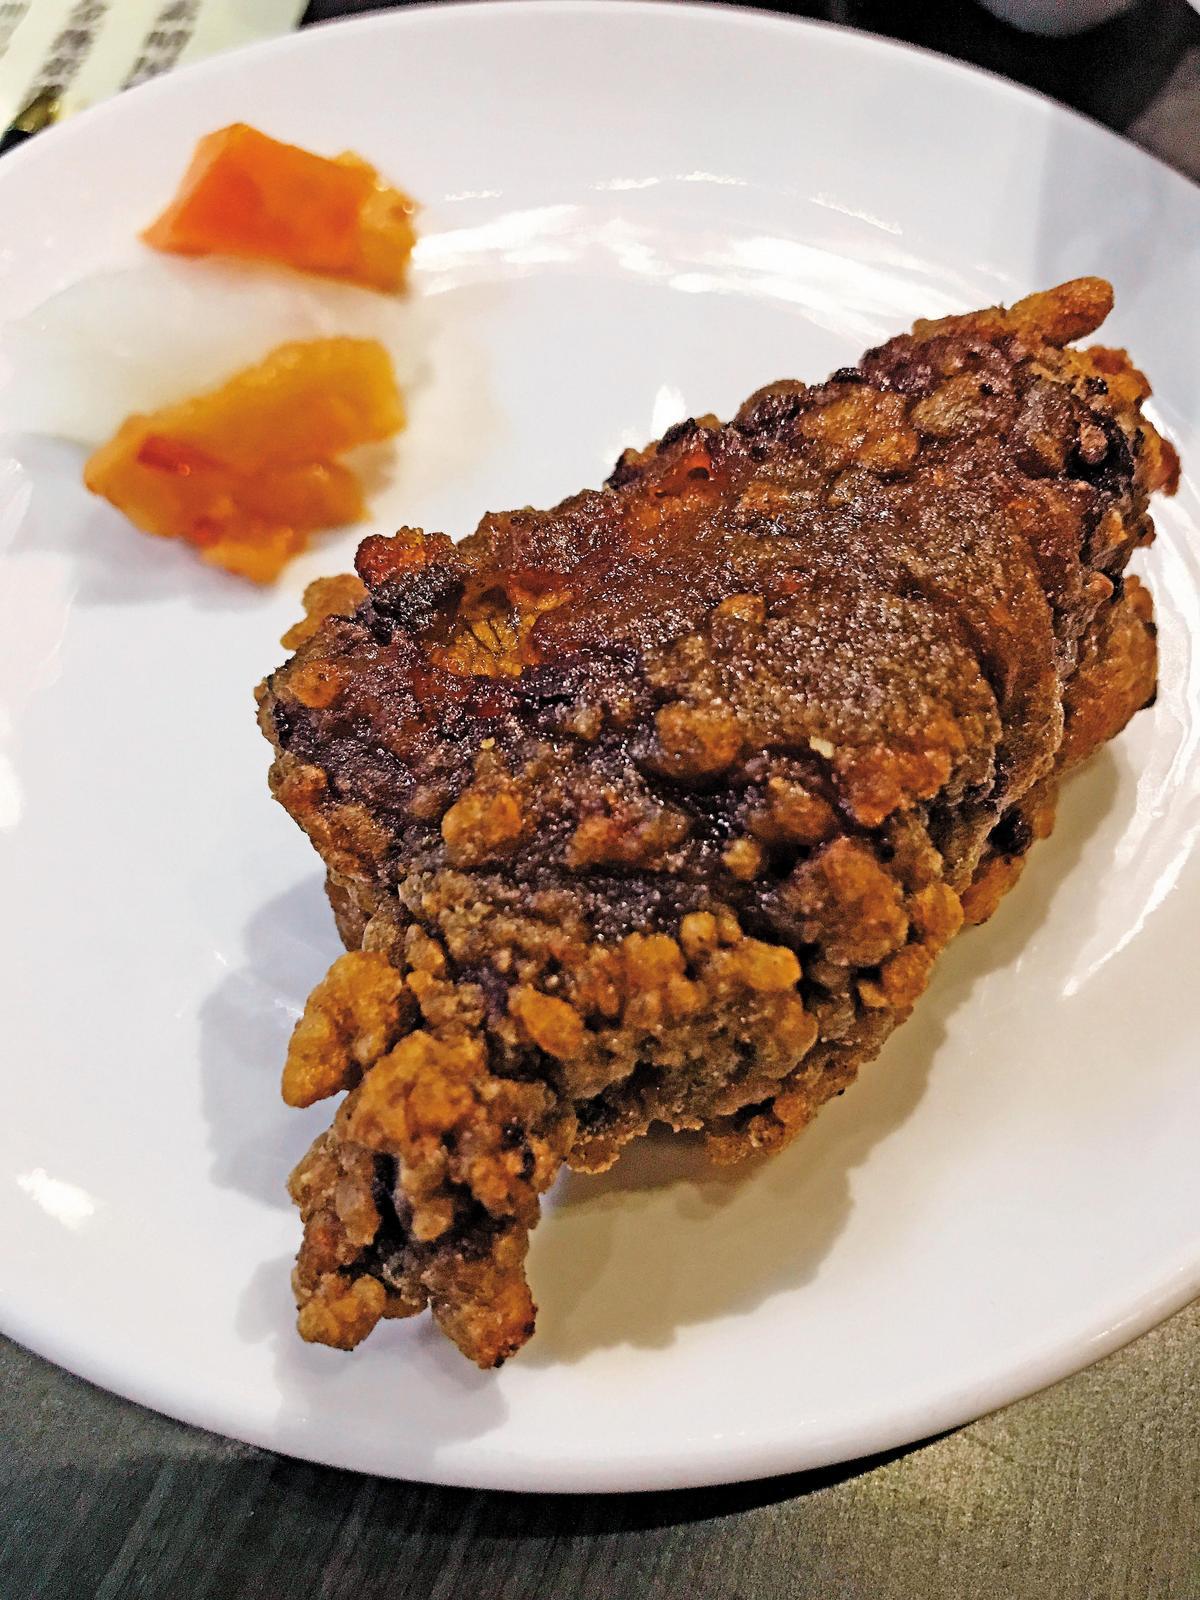 金蓬萊的「蓬萊排骨酥」是招牌菜,肉質Q彈、爽口不膩,不可錯過。